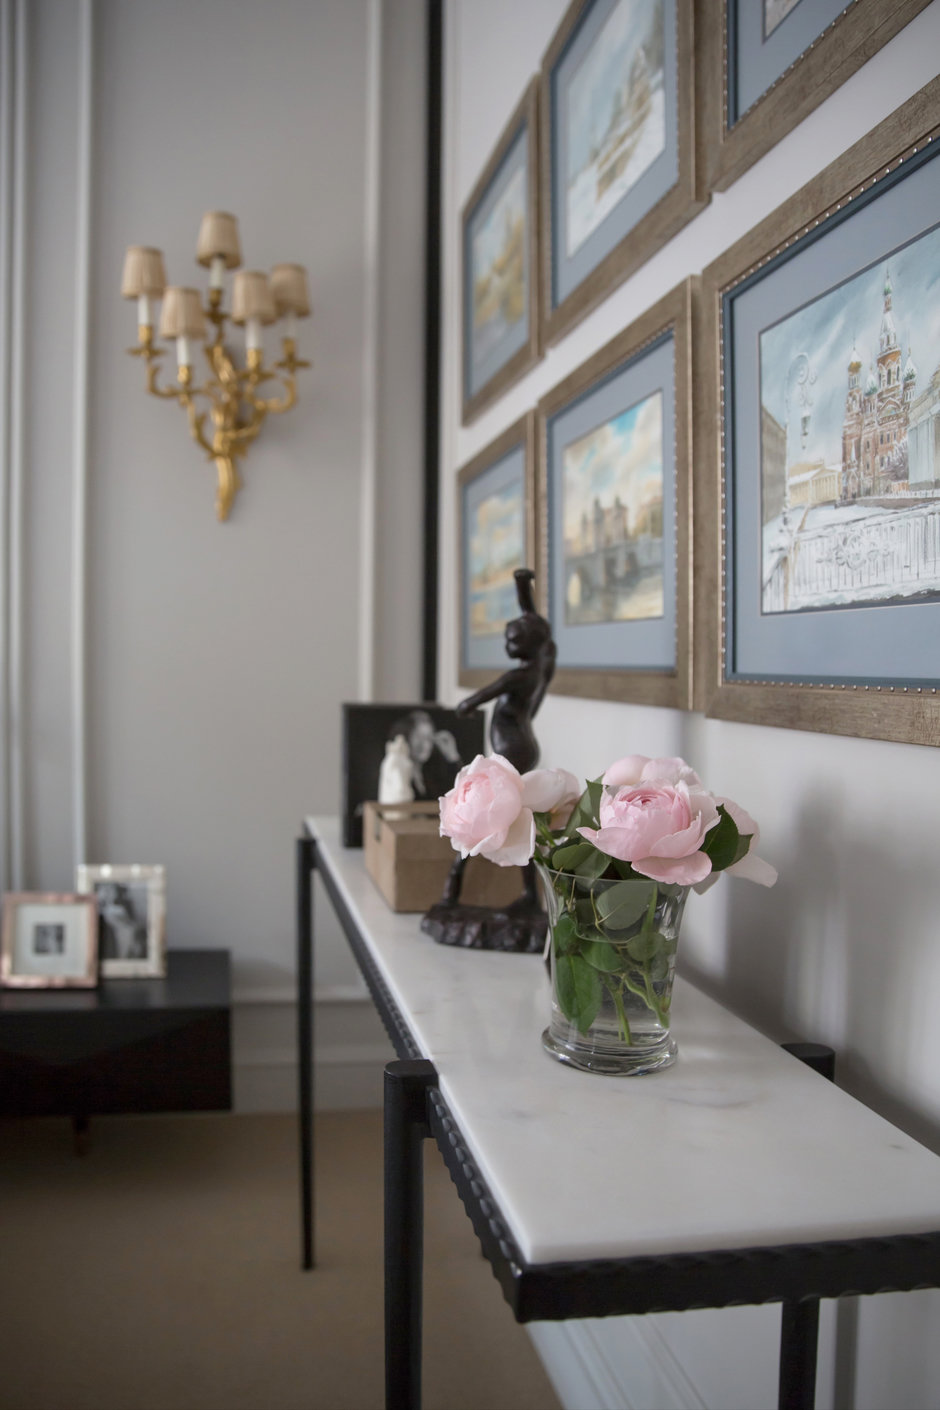 Фотография: Декор в стиле Классический, Квартира, Проект недели, Москва, Марина Филиппова, 2 комнаты, 60-90 метров, #эксклюзивныепроекты – фото на InMyRoom.ru